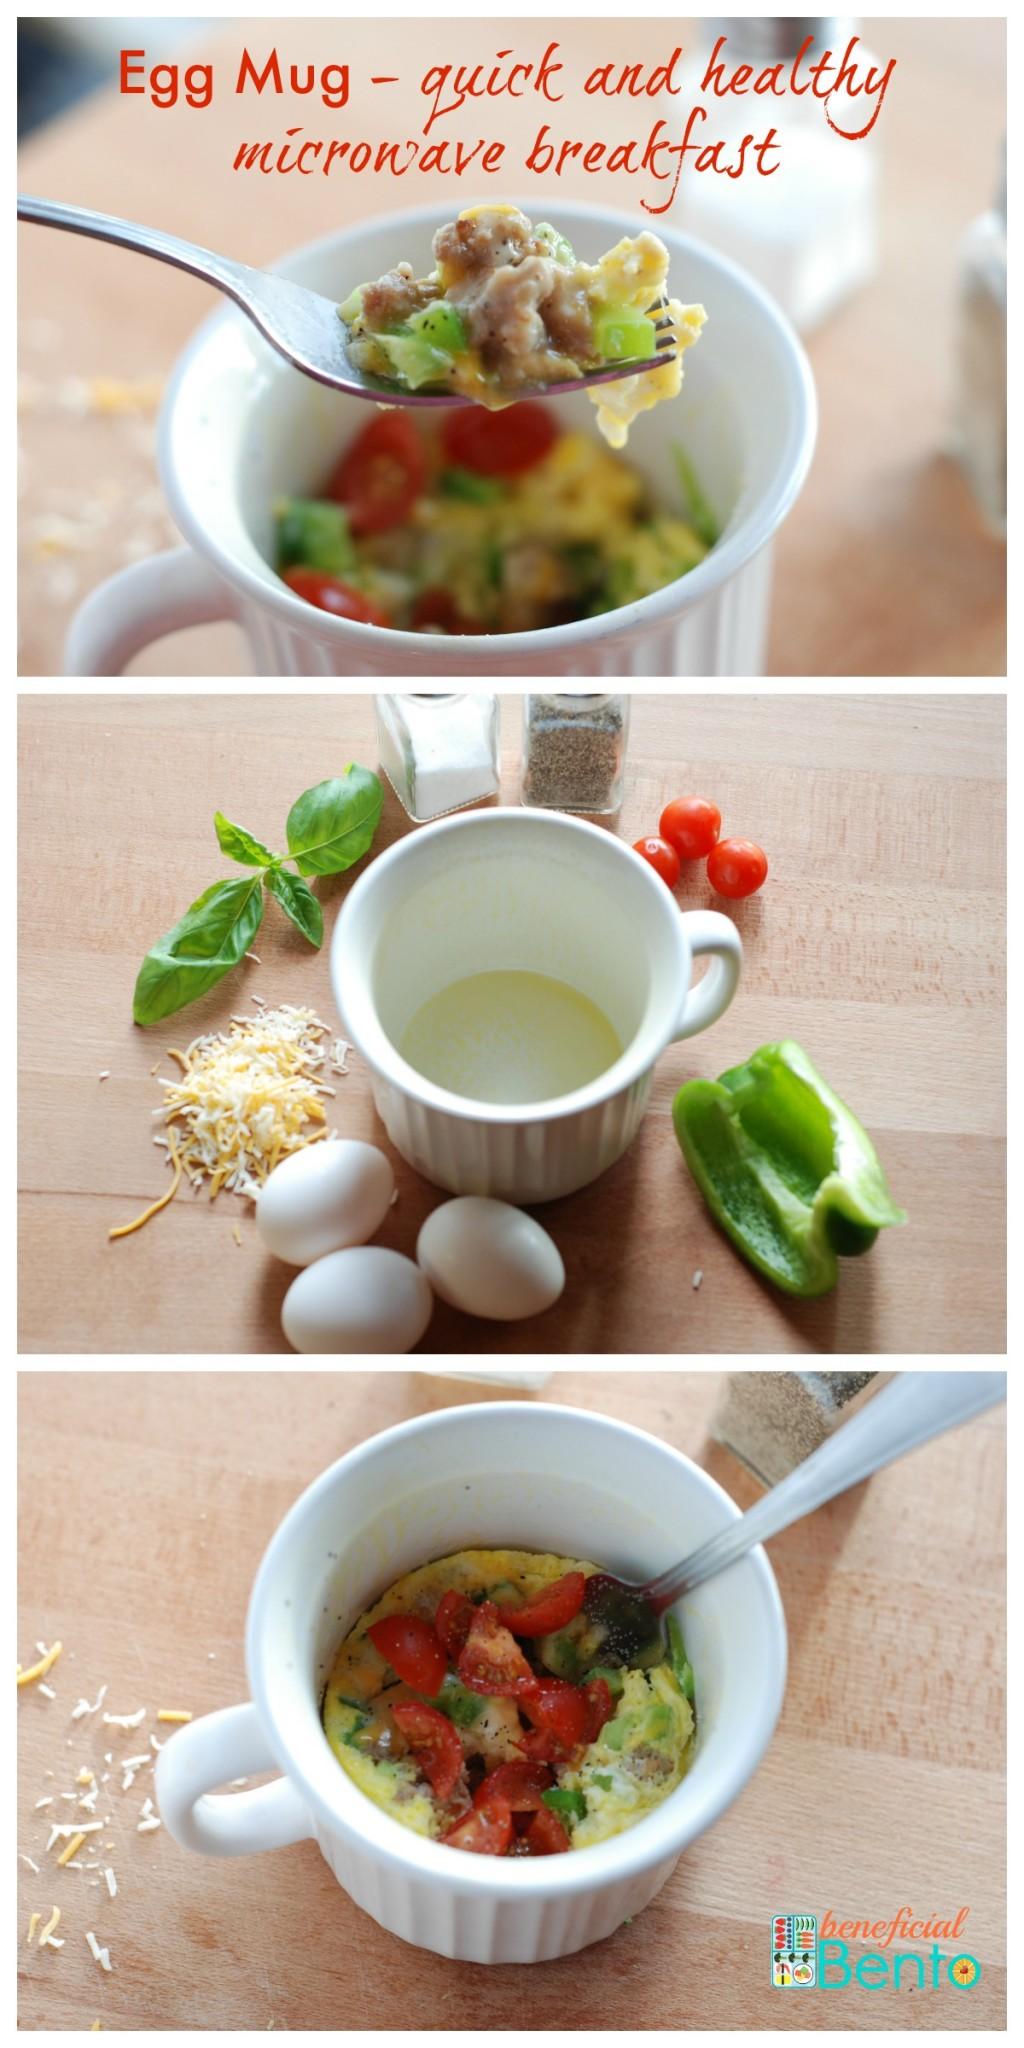 Egg Mug Recipe